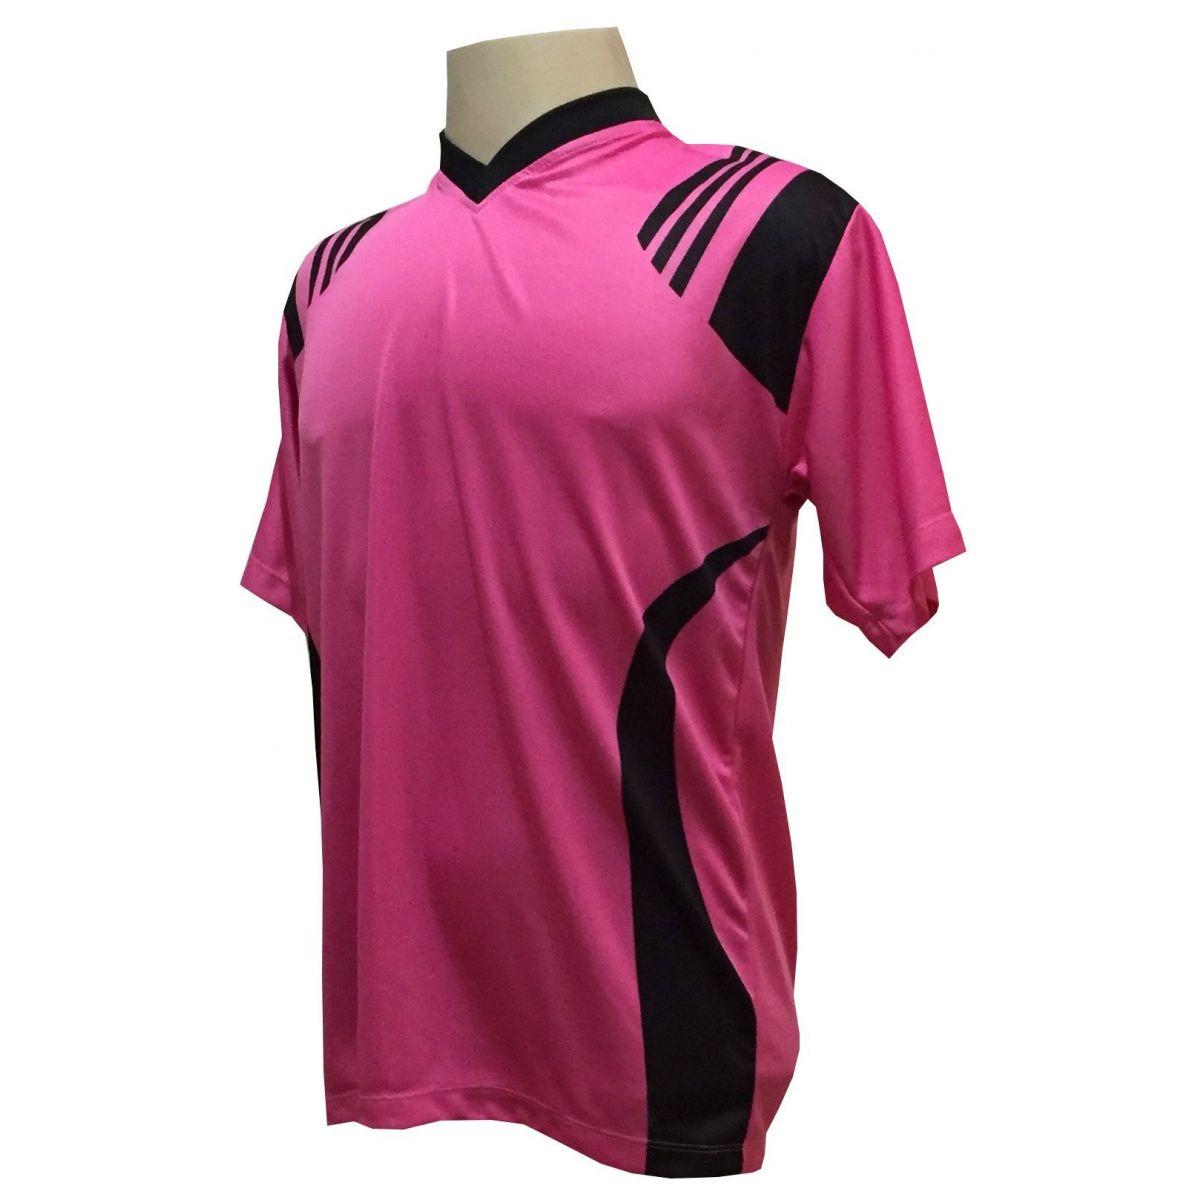 Uniforme Esportivo com 18 camisas modelo Roma Pink/Preto + 18 calções modelo Madrid + 1 Goleiro + Brindes